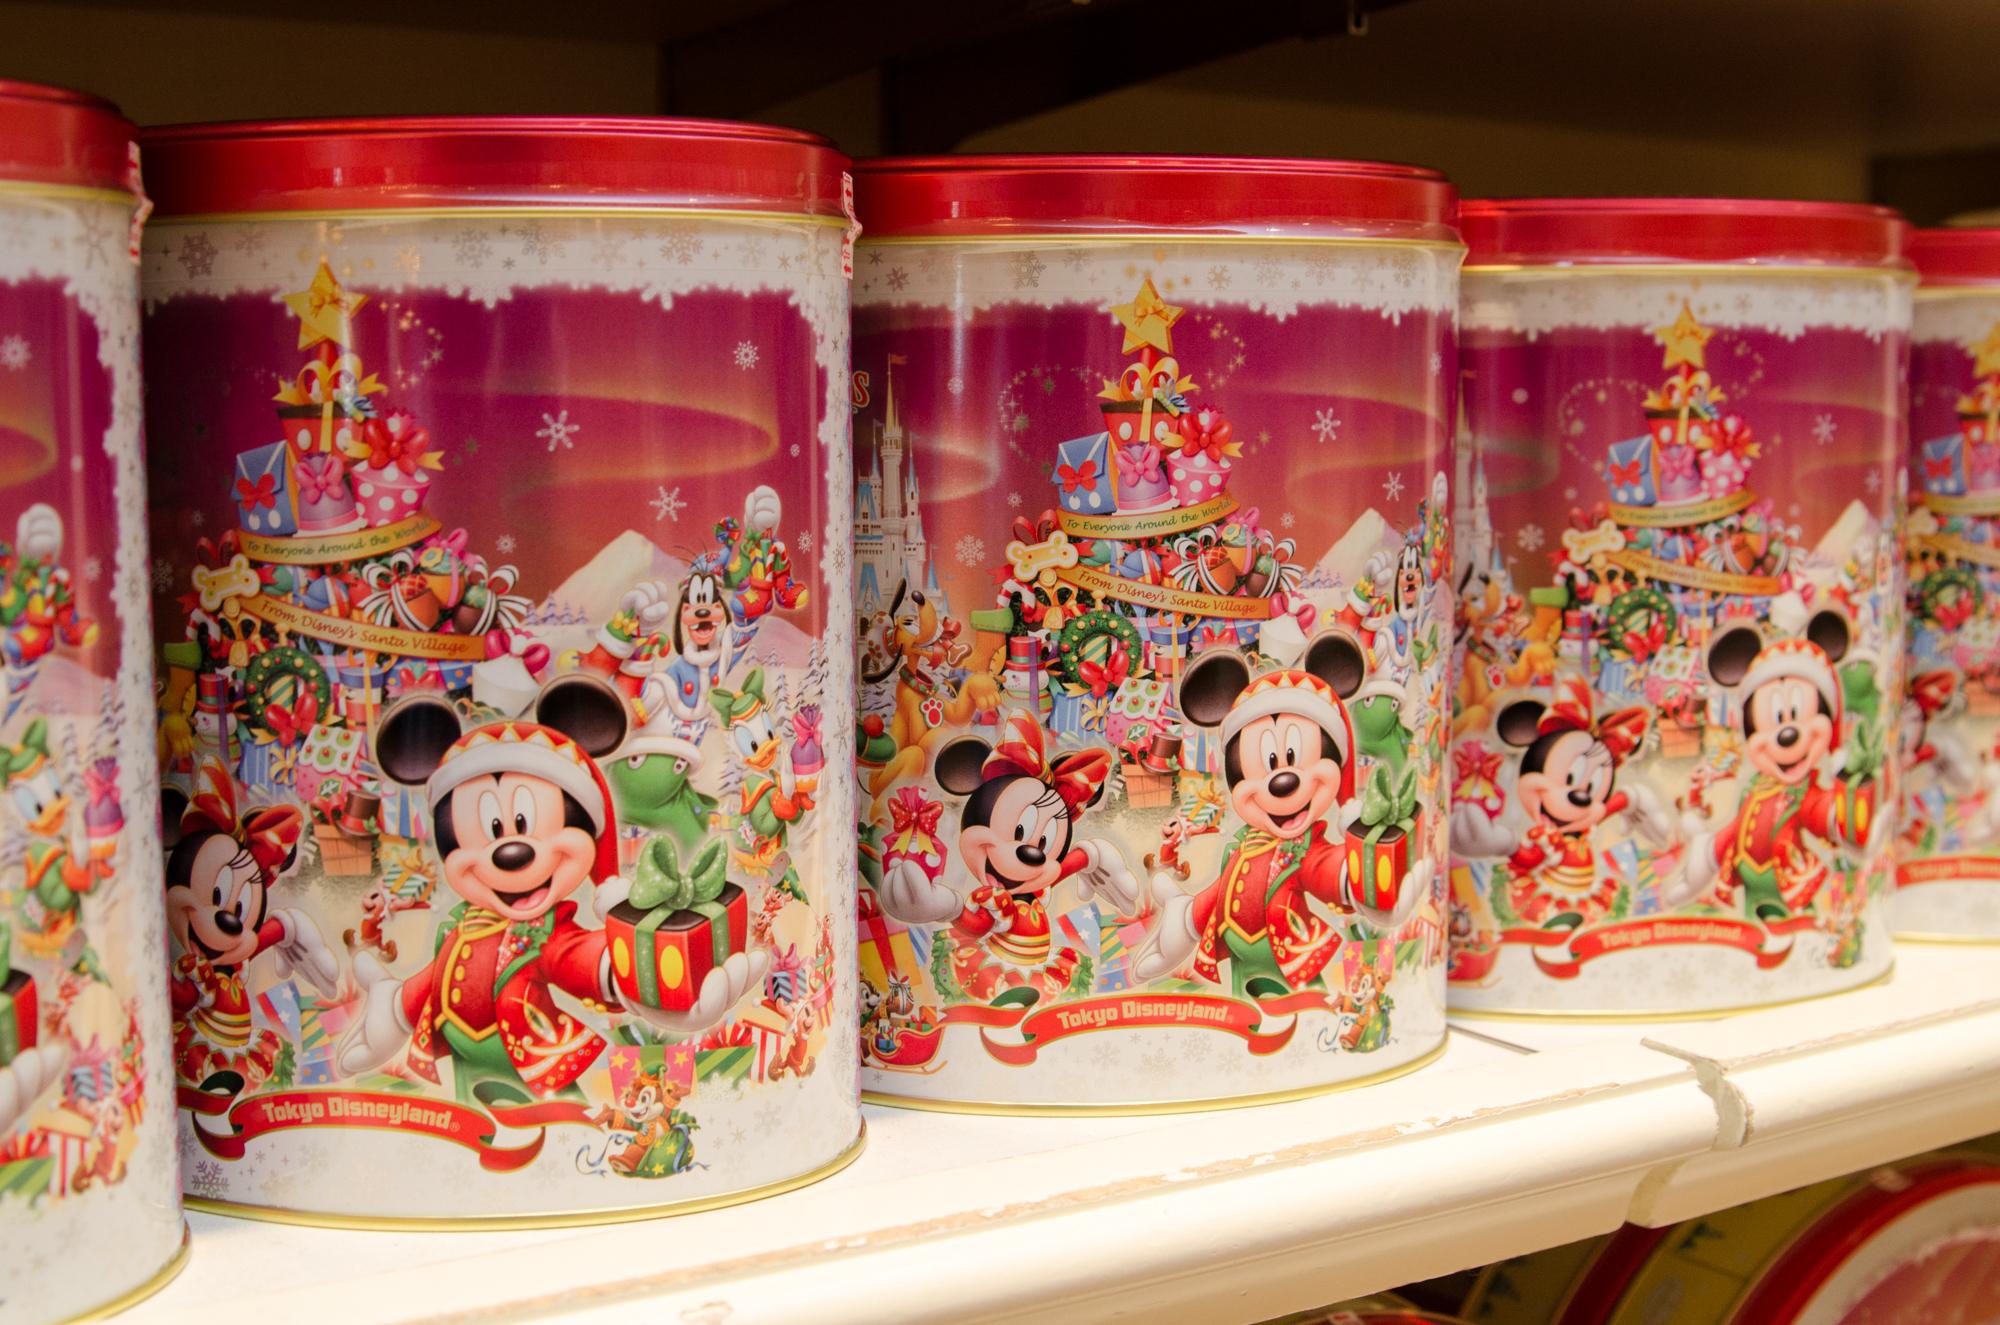 ディズニーシーお土産・グッズ2016ランキング一覧!【東京・お菓子】のサムネイル画像